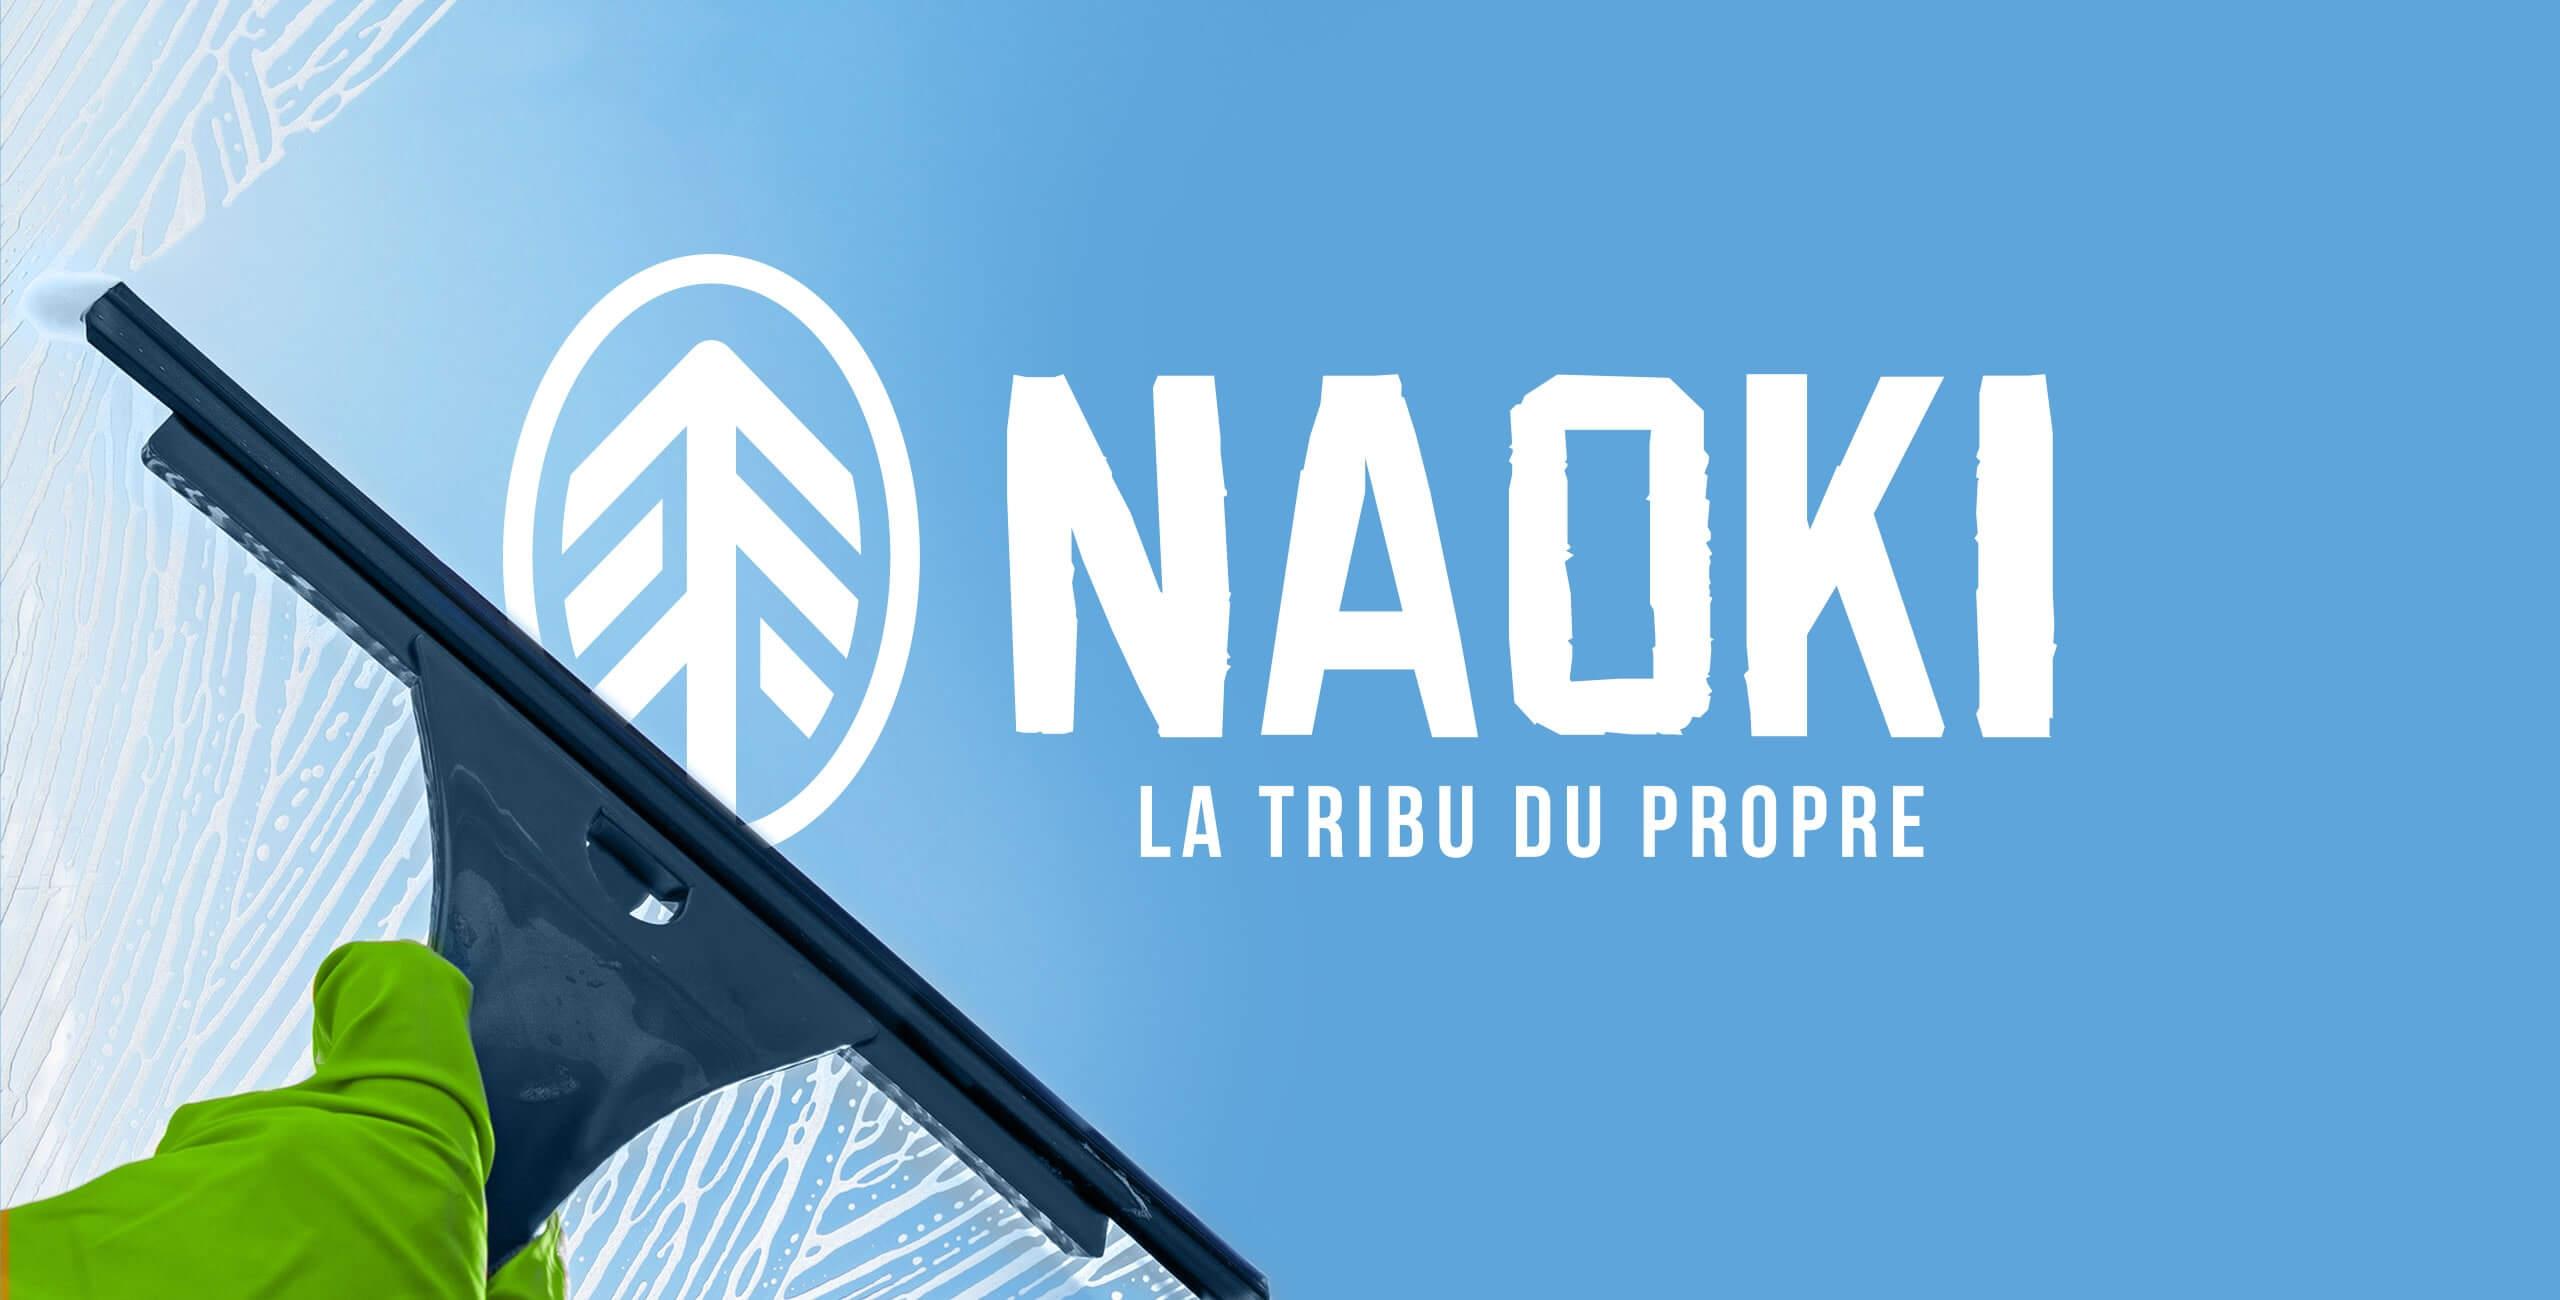 slogan de marque Naoki